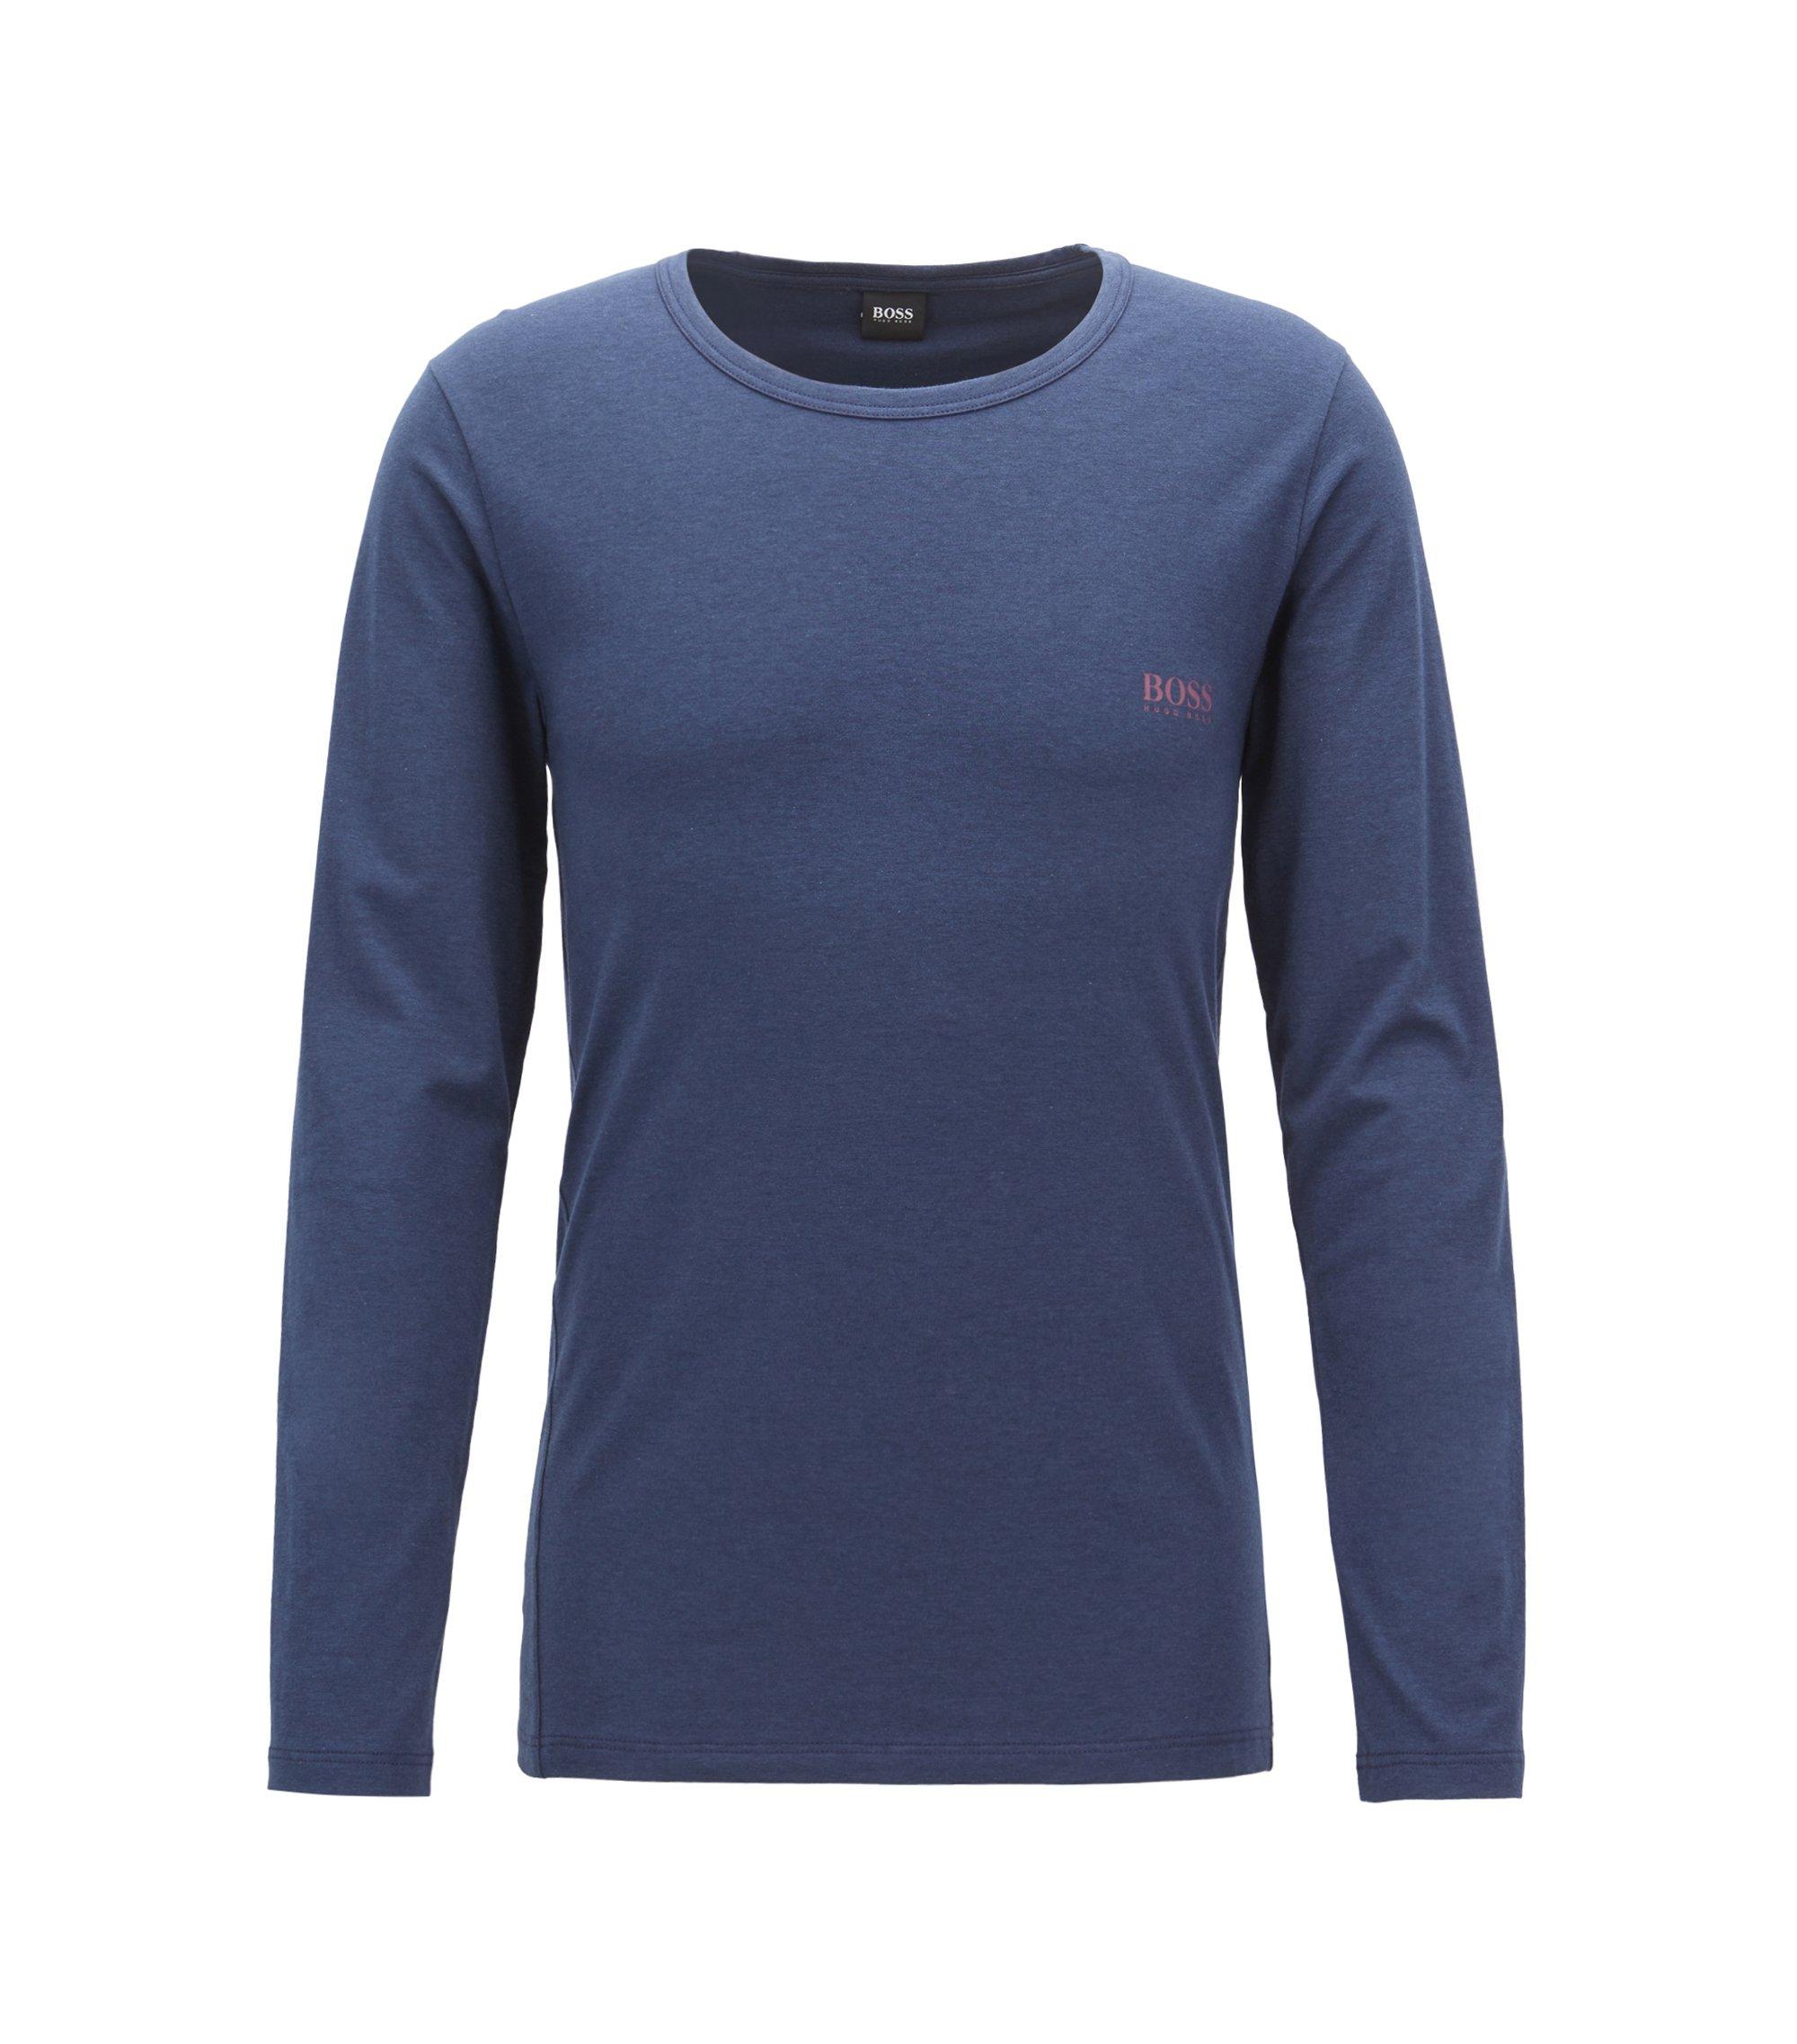 Camiseta interior de manga larga en punto elástico con logo, Azul oscuro